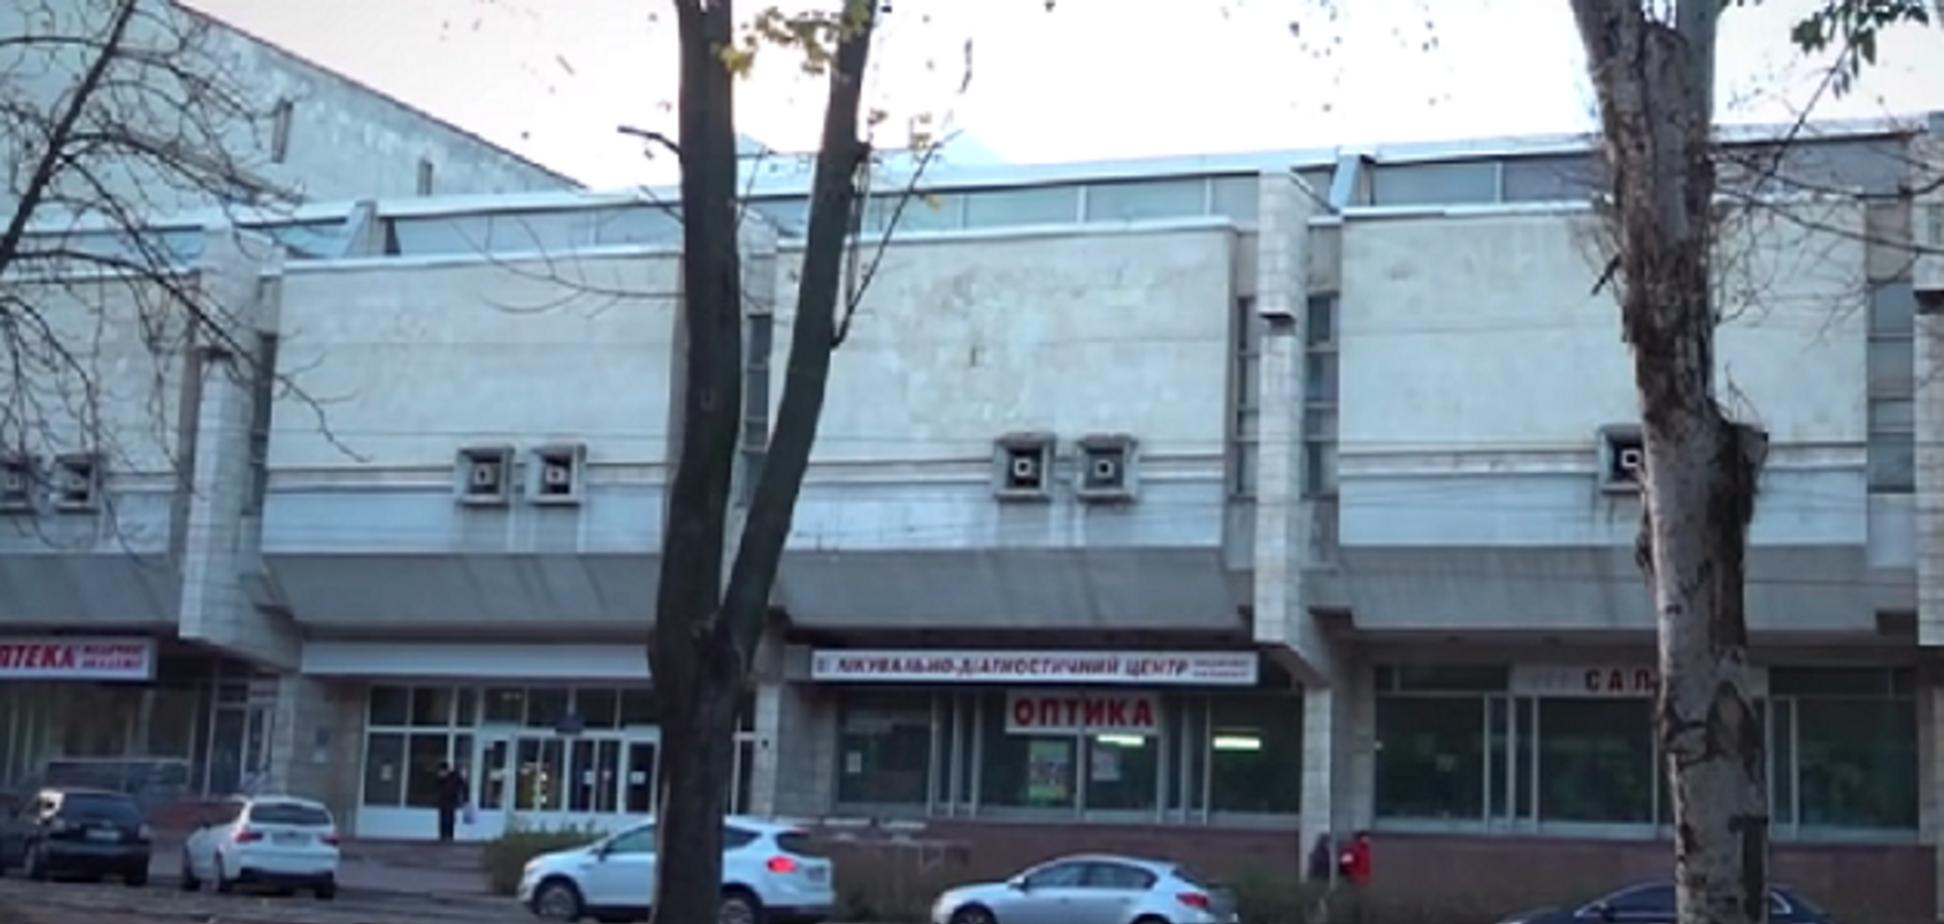 Корупція і множинні порушення: що відбувається в медичній освіті України